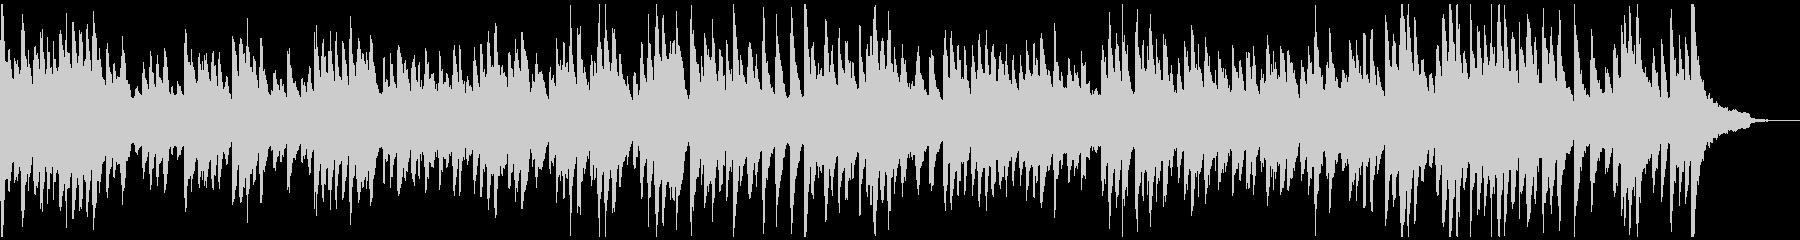 英国愛国歌「エルサレム」ピアノ伴奏の未再生の波形